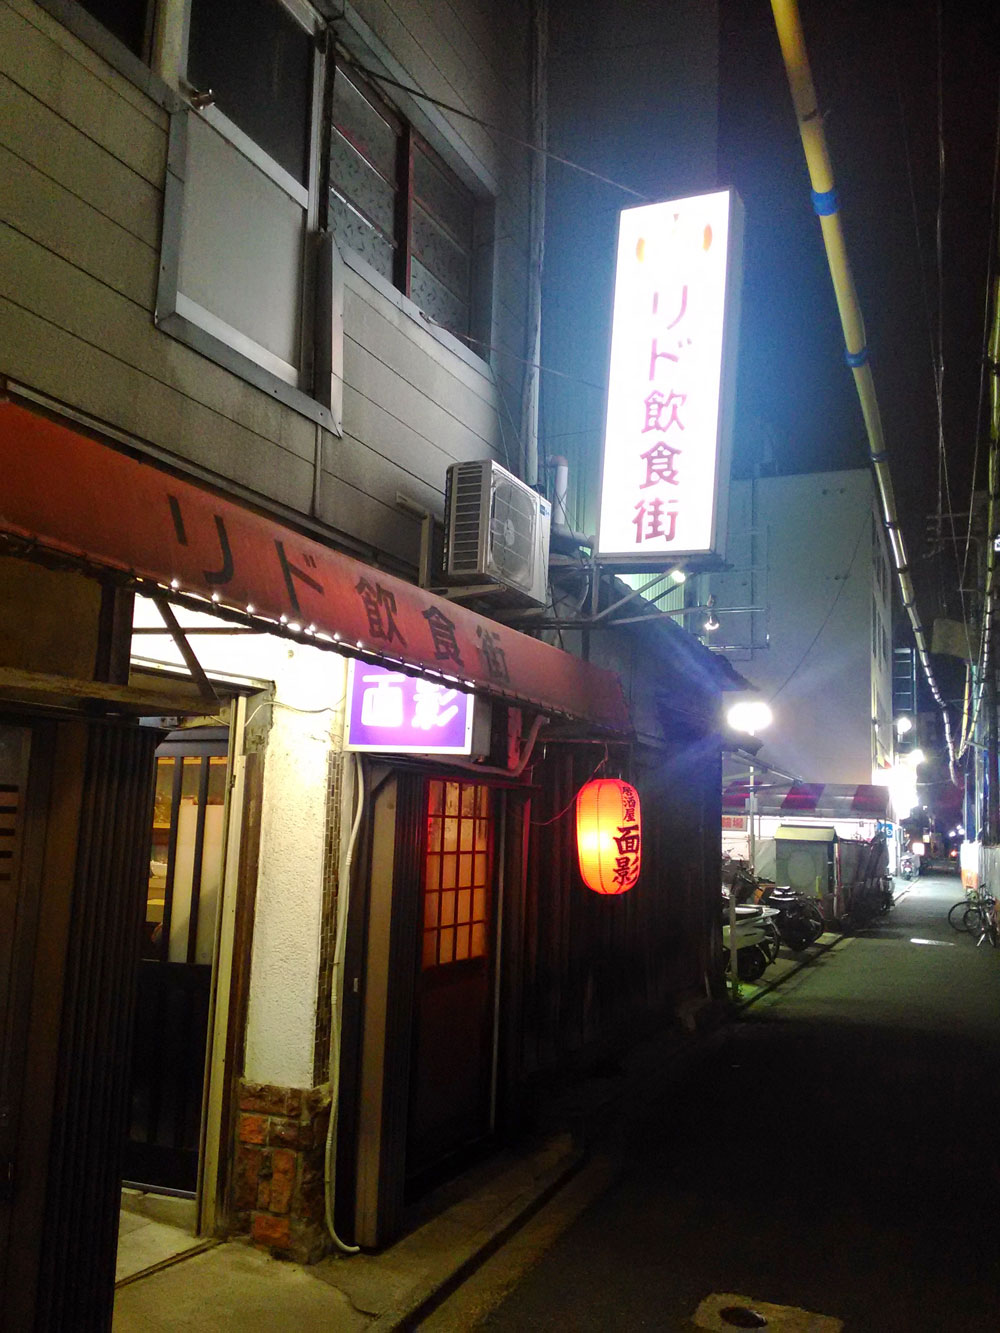 昭和感が漂うリド飲食街